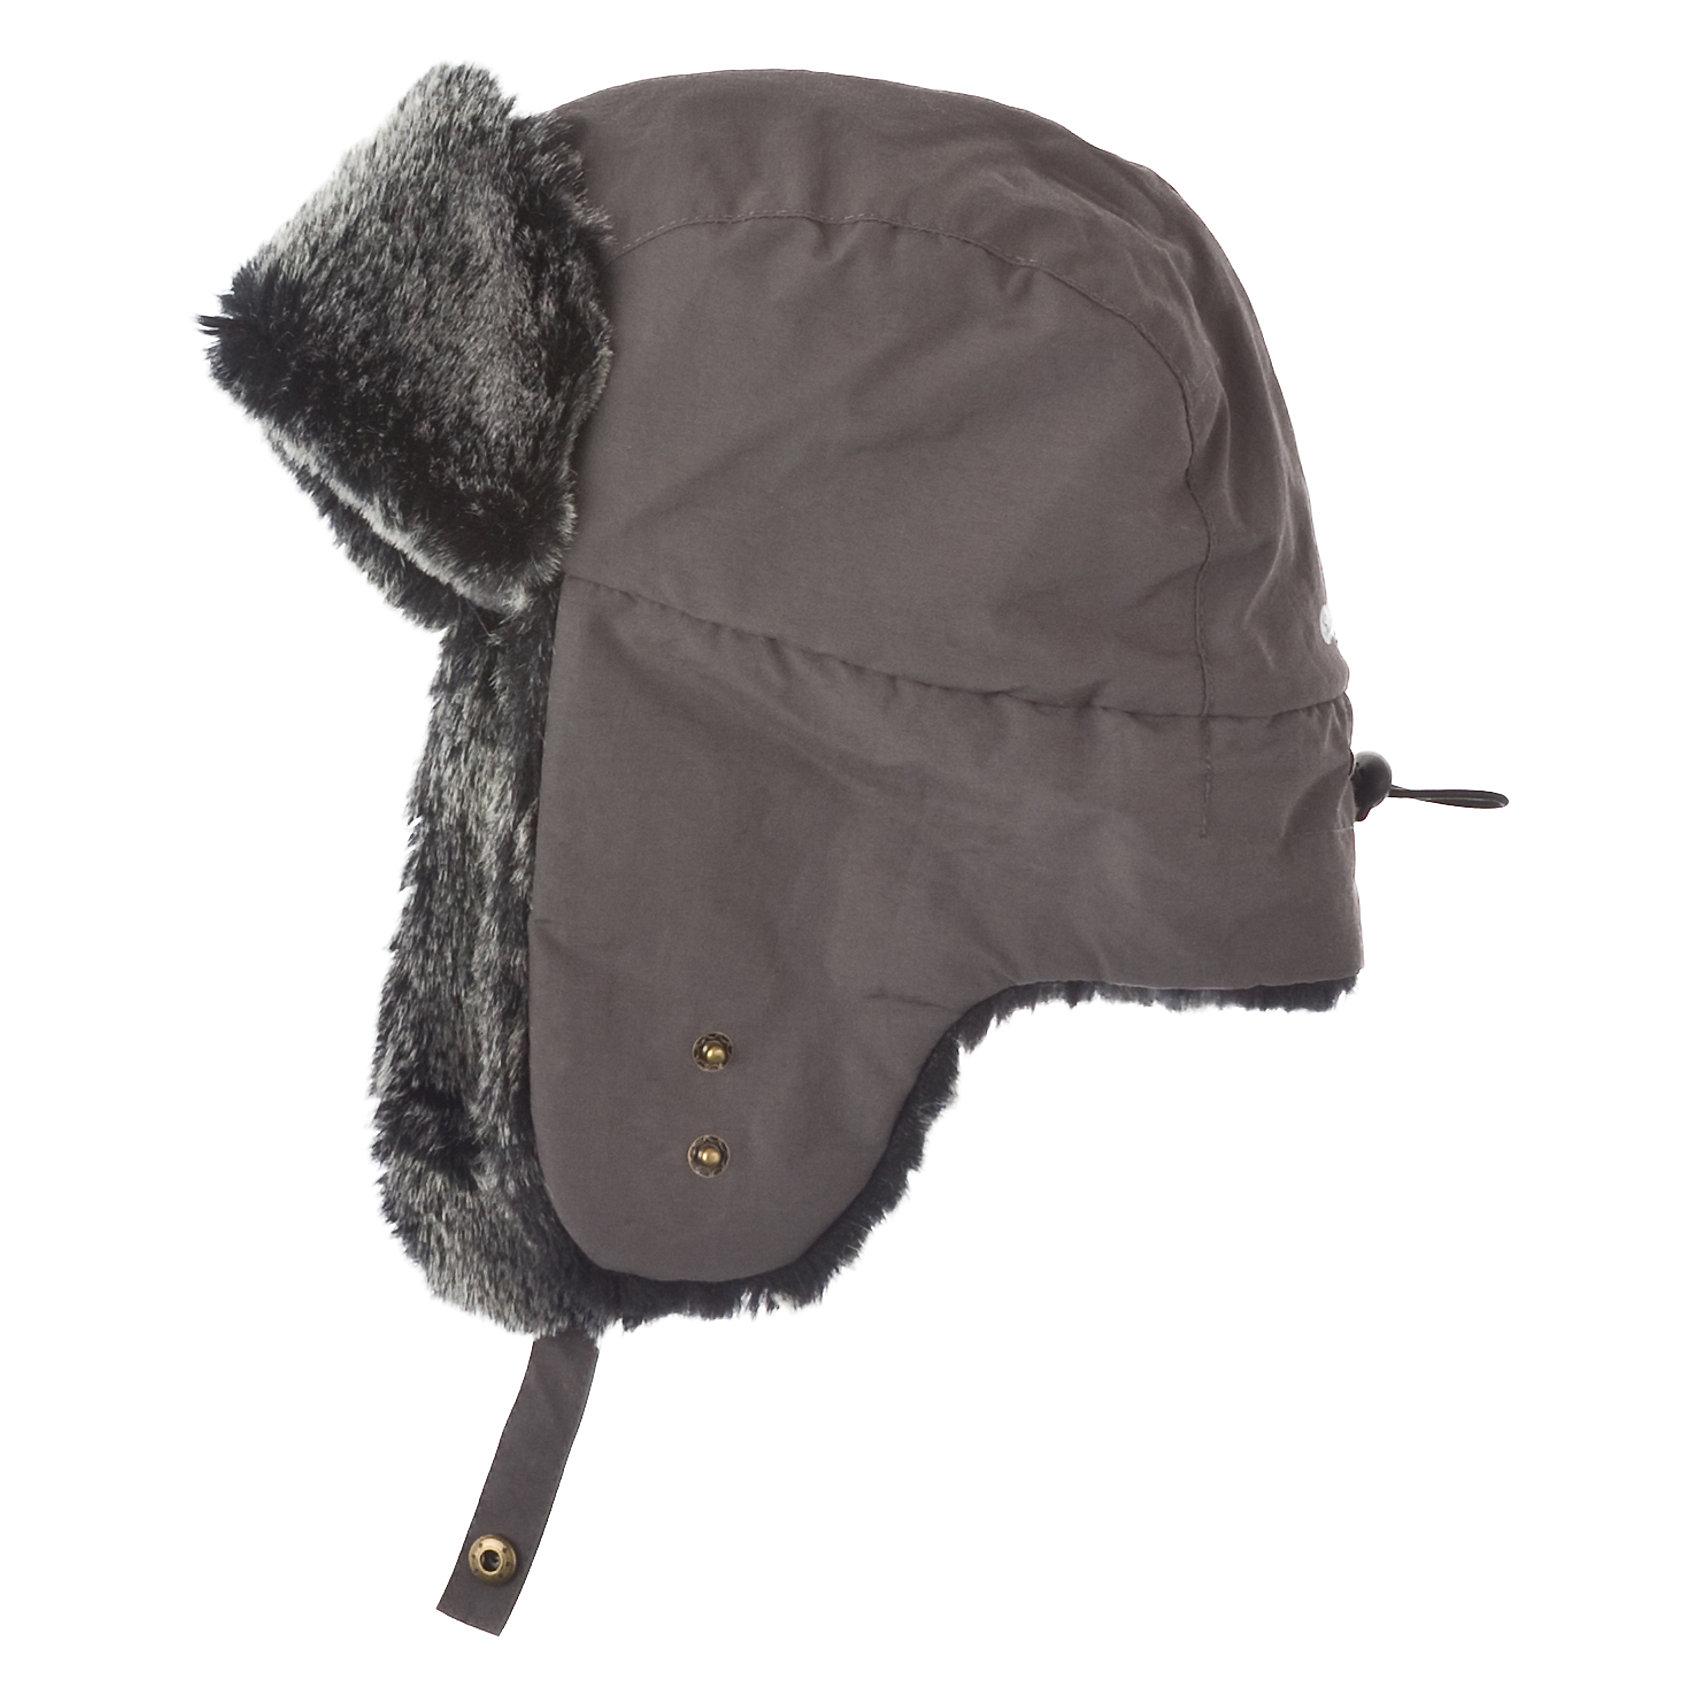 Шапка для мальчика ScoolГоловные уборы<br>Шапка для мальчика Scool Модная шапка-ушанка с меховым козырьком и меховыми ушками изнутри. Размер регулируется резинкой сзади. Ушки поднимаются и фиксируются с помощью кнопки. Состав: Верх: 100% полиэстер, Подкладка: 100% полиэстер, Утеплитель: 100% полиэстер<br><br>Ширина мм: 89<br>Глубина мм: 117<br>Высота мм: 44<br>Вес г: 155<br>Цвет: разноцветный<br>Возраст от месяцев: 108<br>Возраст до месяцев: 132<br>Пол: Мужской<br>Возраст: Детский<br>Размер: 54,56<br>SKU: 4228259